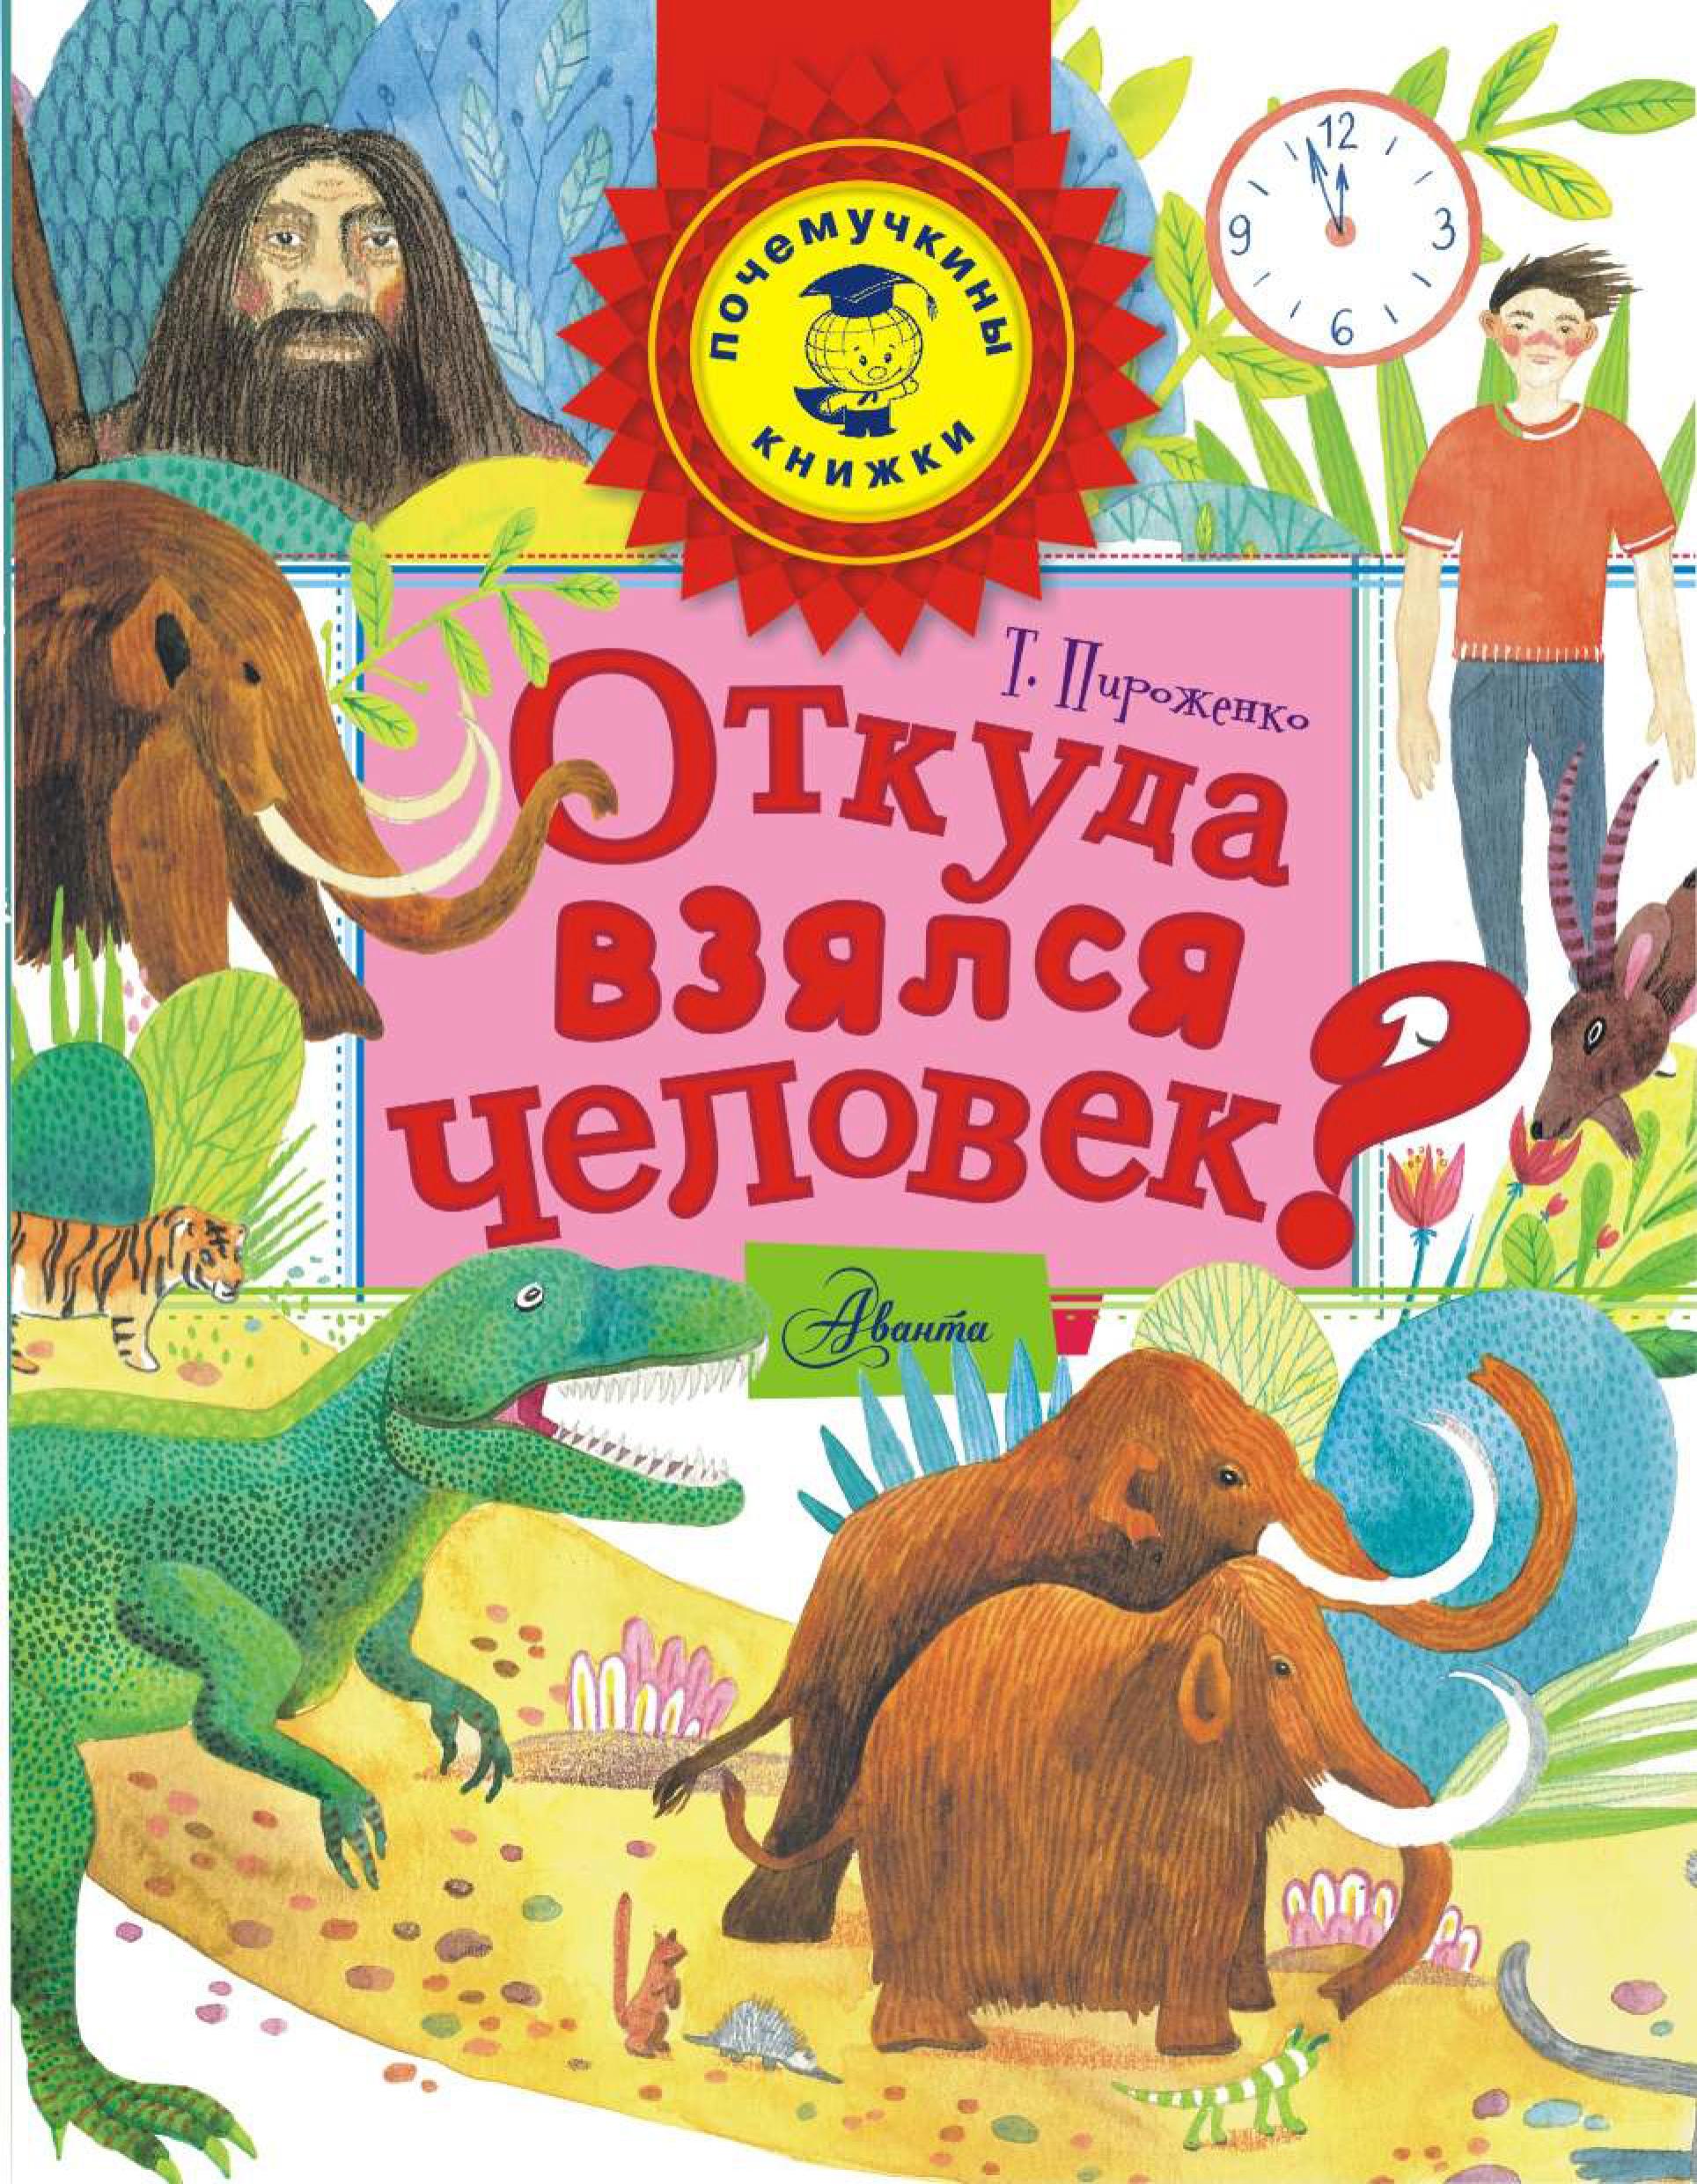 Татьяна Пироженко Откуда взялся человек? пироженко татьяна книжка почемучки как устроена природа 48971